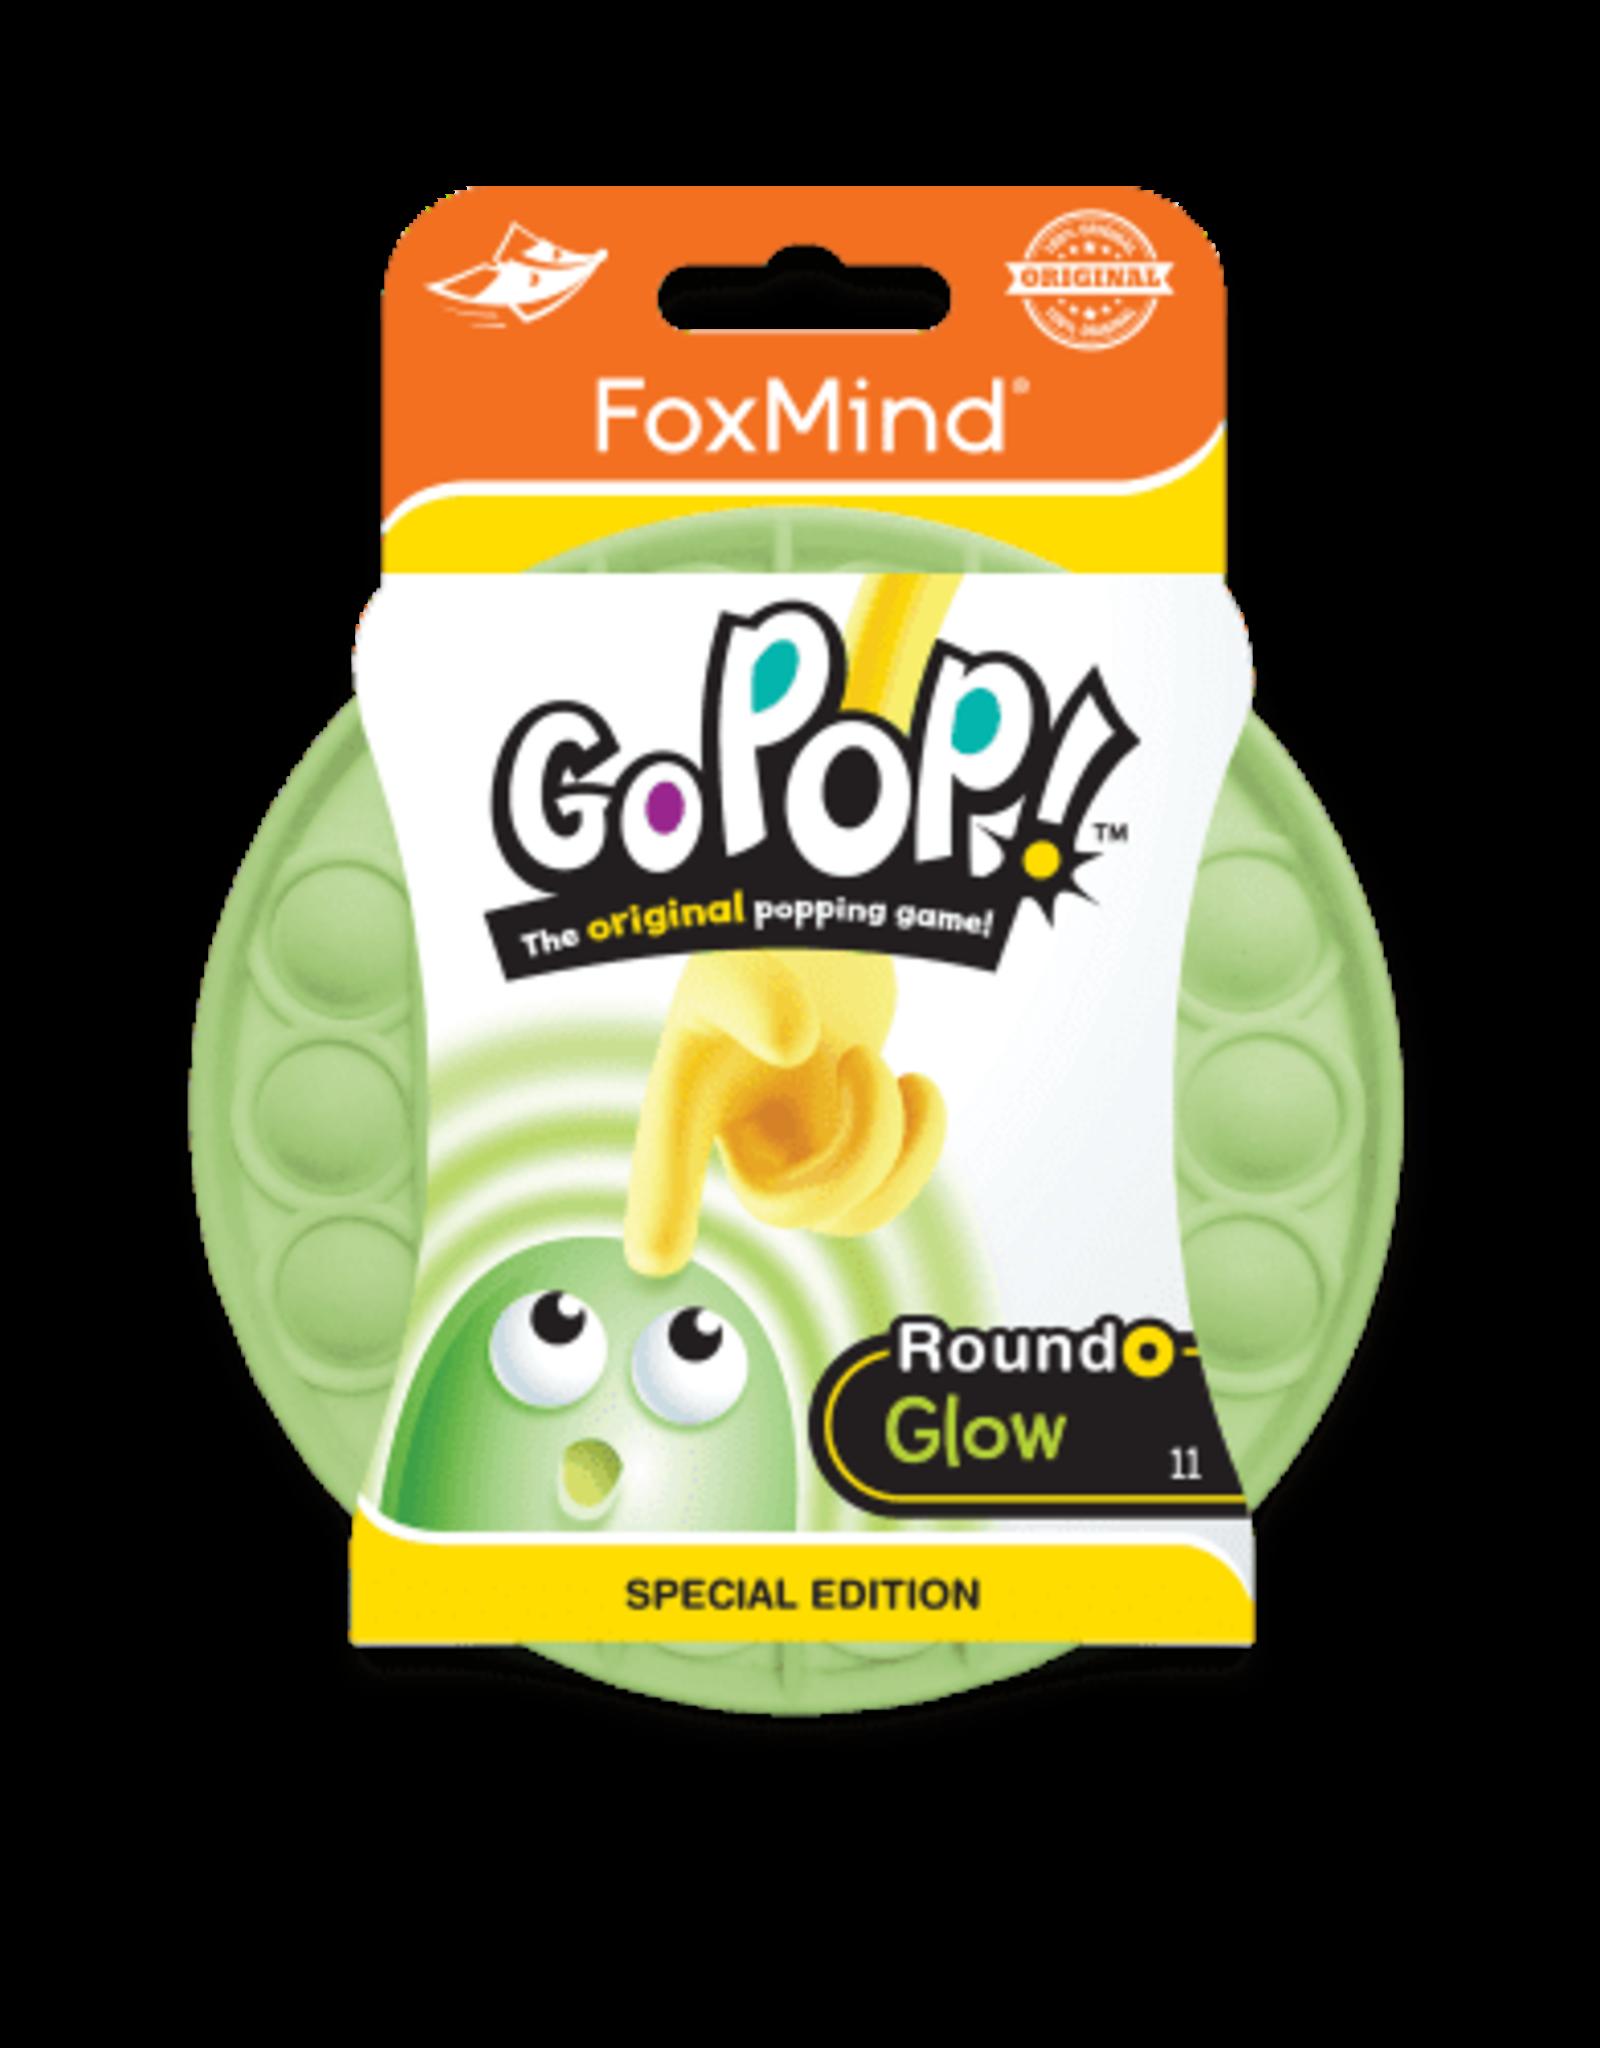 Foxmind Go Pop Roundo - Glow in the Dark